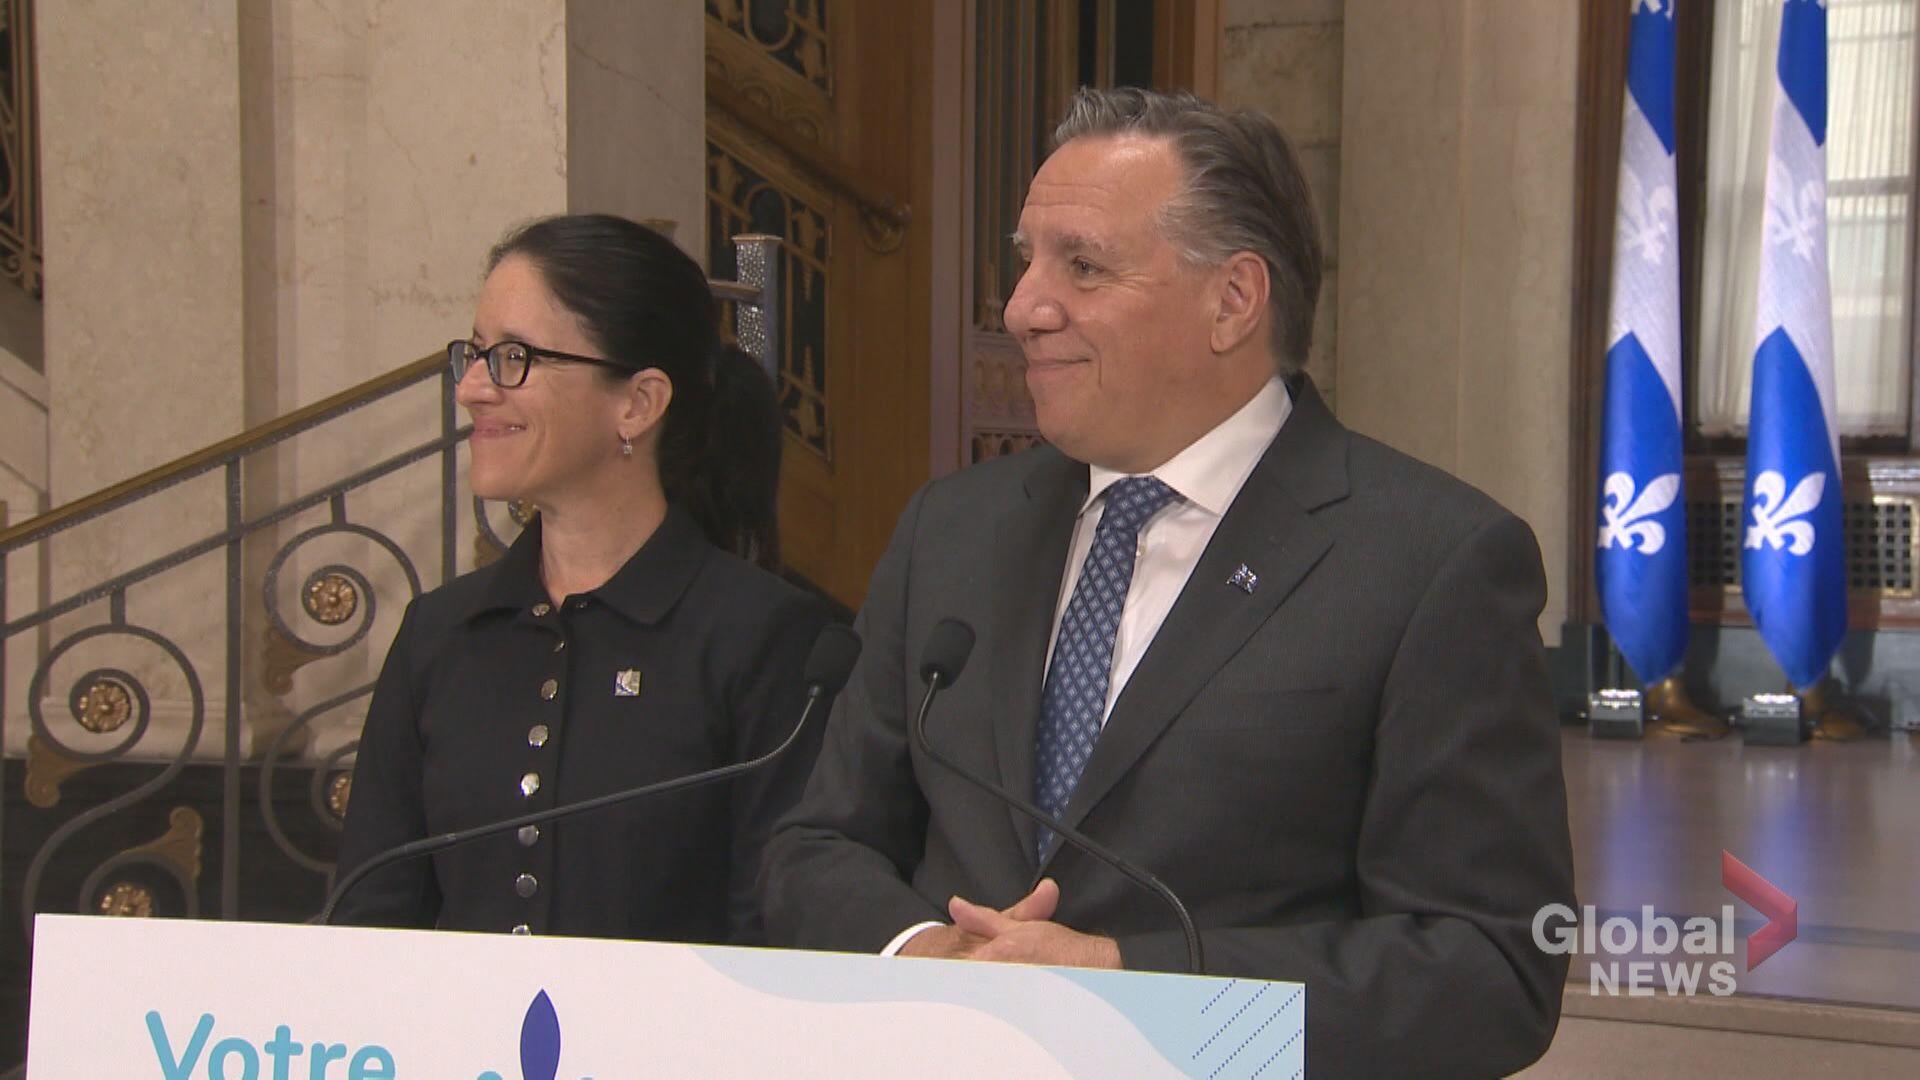 Quebec premier unveils his federal election wish list